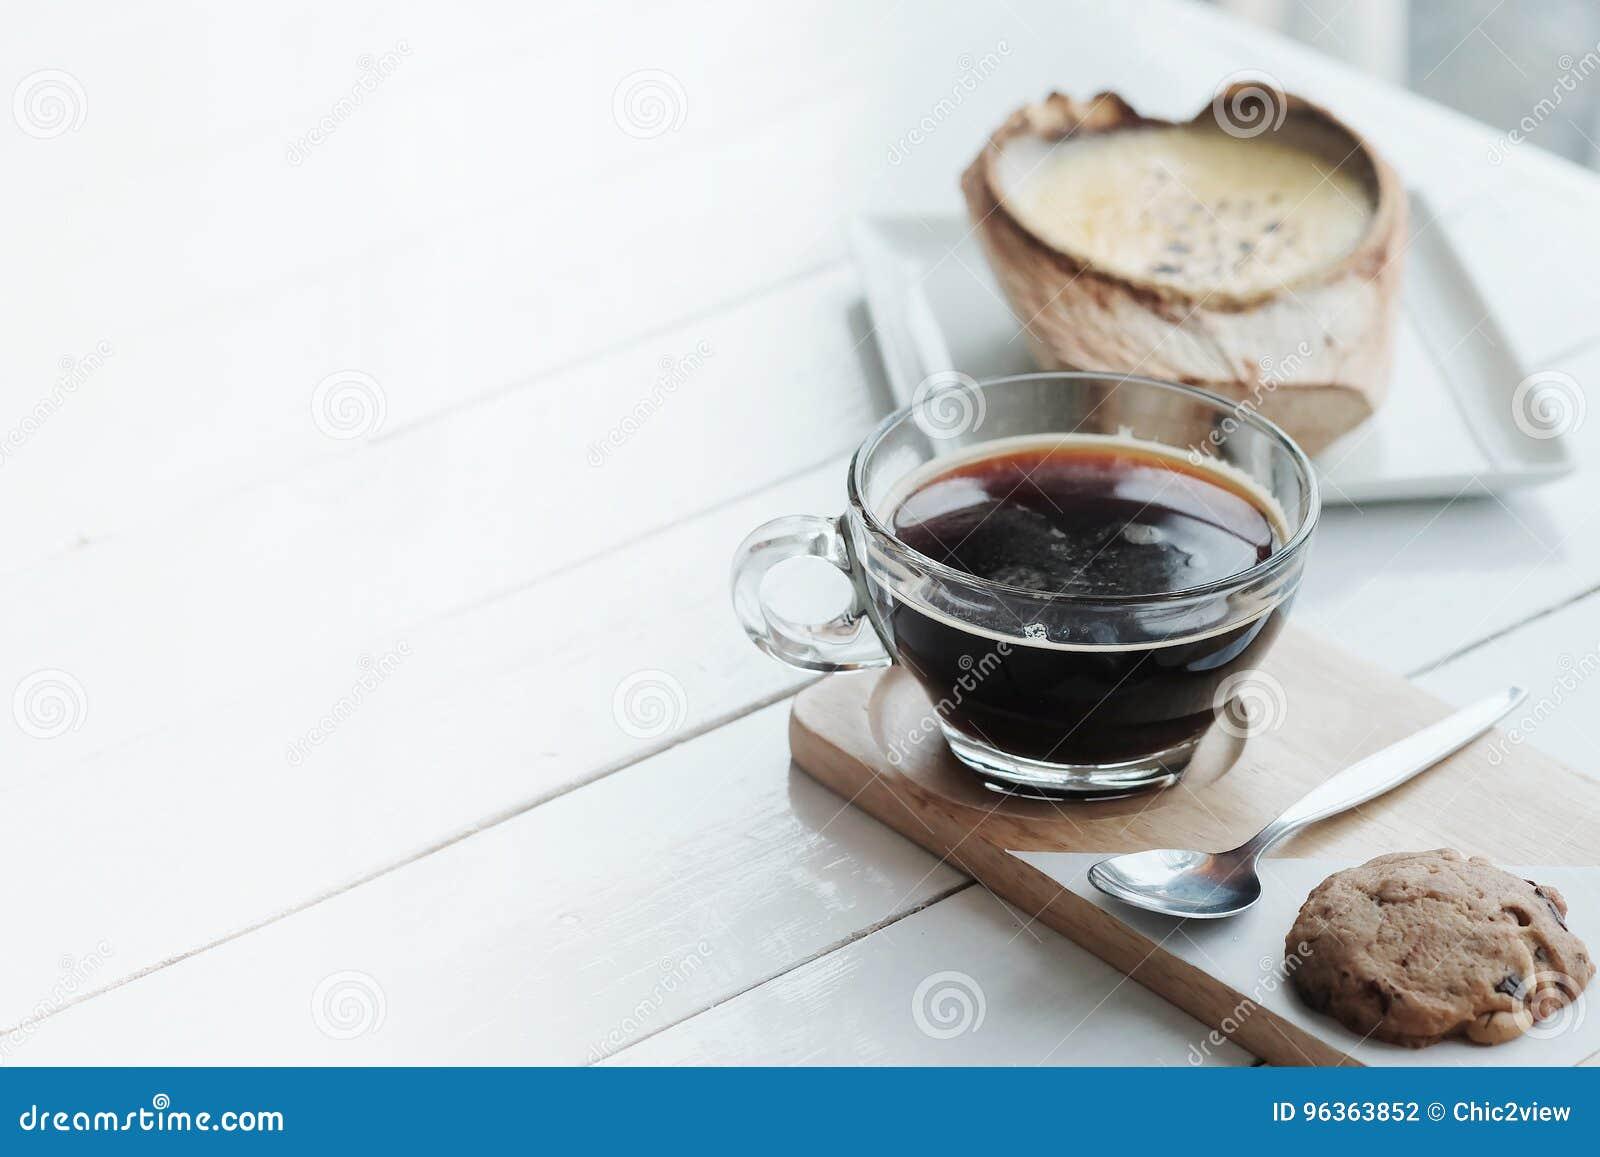 Kokosowy Creme Brulee jest cukierkowymi smakami i napojem z gorącego americano czarną kawą na białym drewnianym stołowym tle